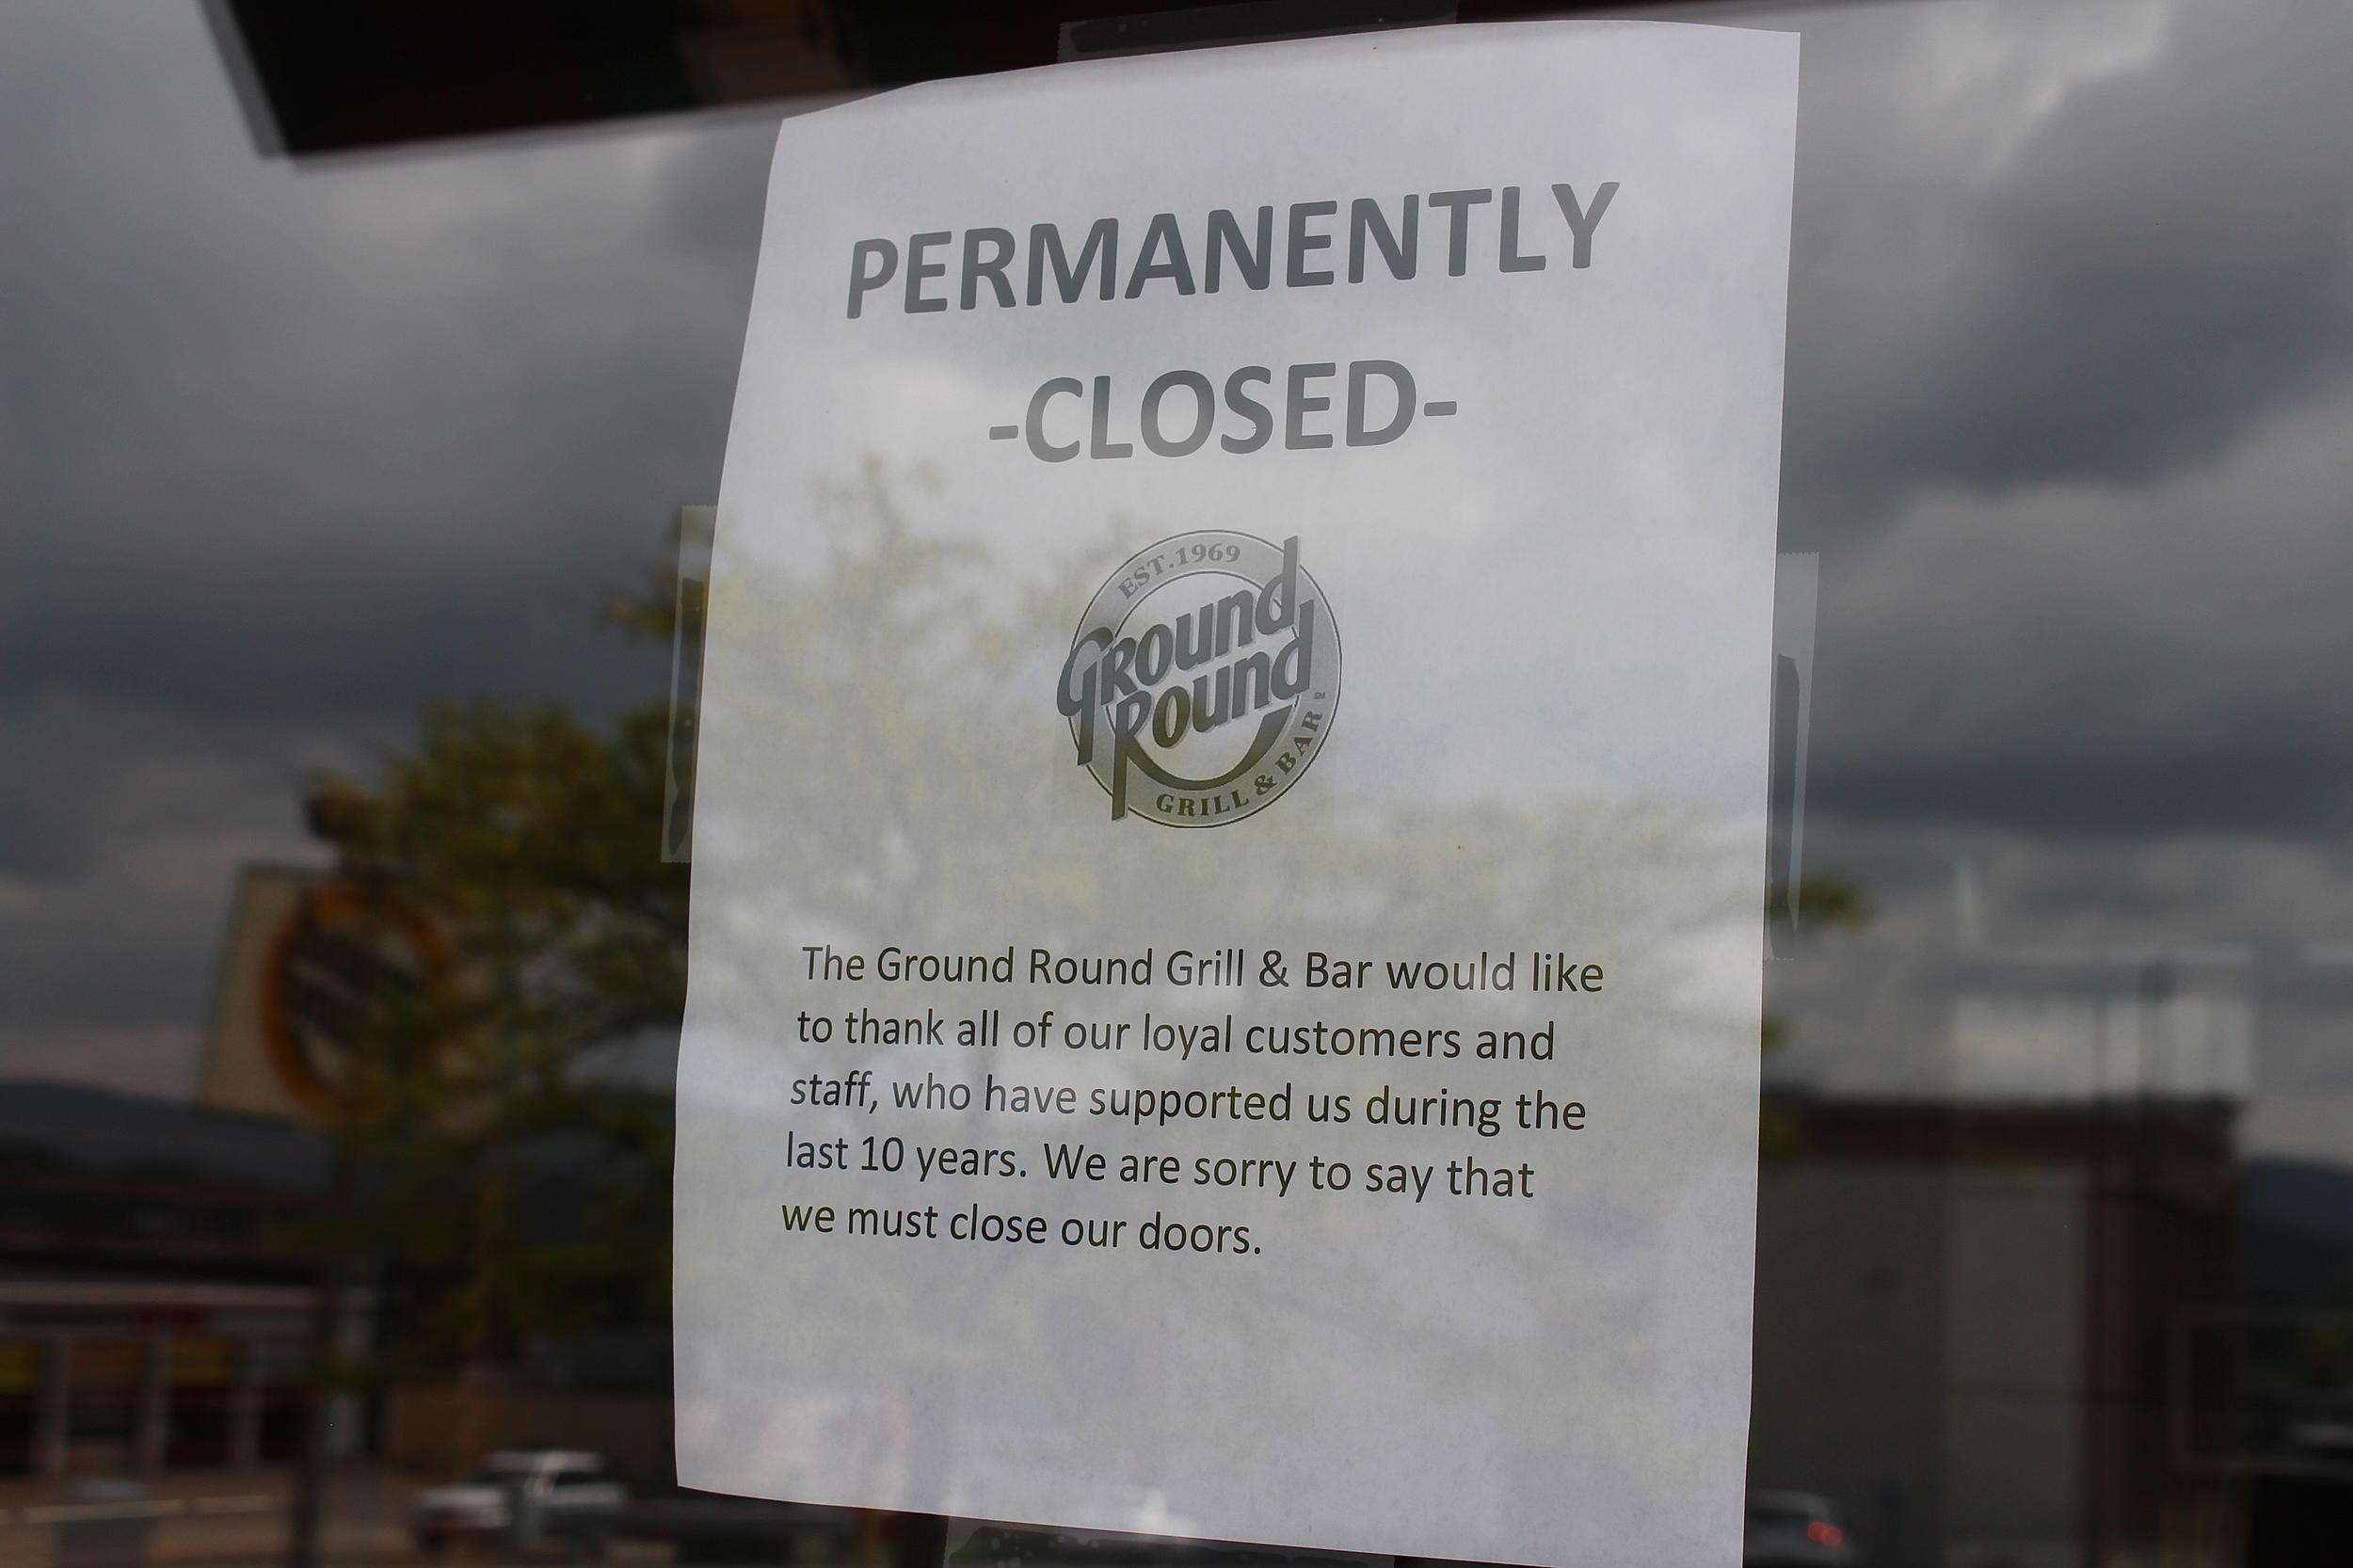 Shock Closing: JC Ground Round Restaurant Shuts Down